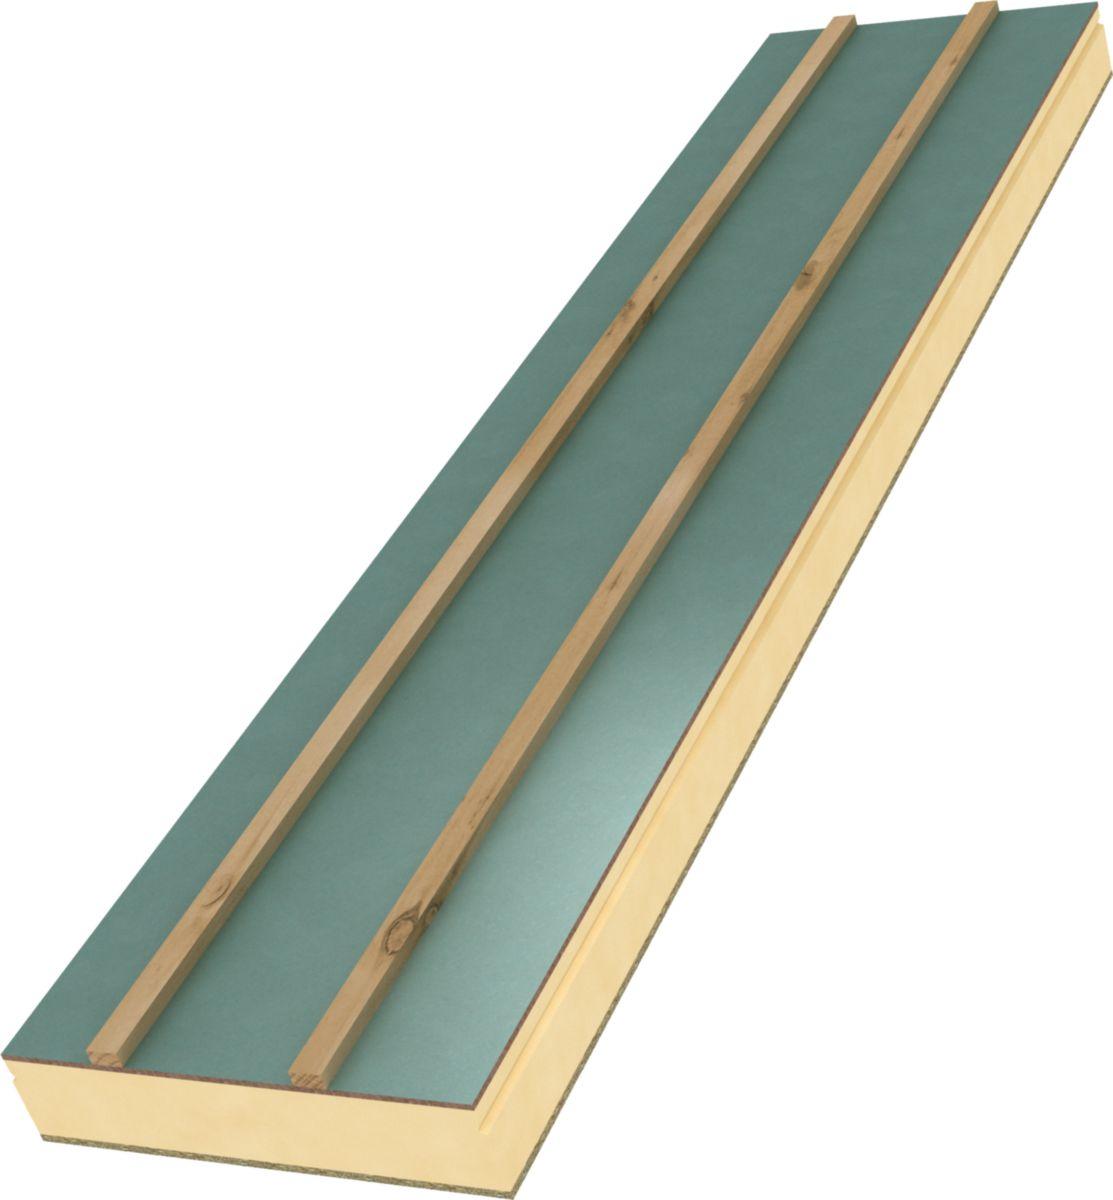 unilin insulation panneau sandwich isolant rexolight hpu l pl tre h 135 mm 0 6x3 6 m. Black Bedroom Furniture Sets. Home Design Ideas